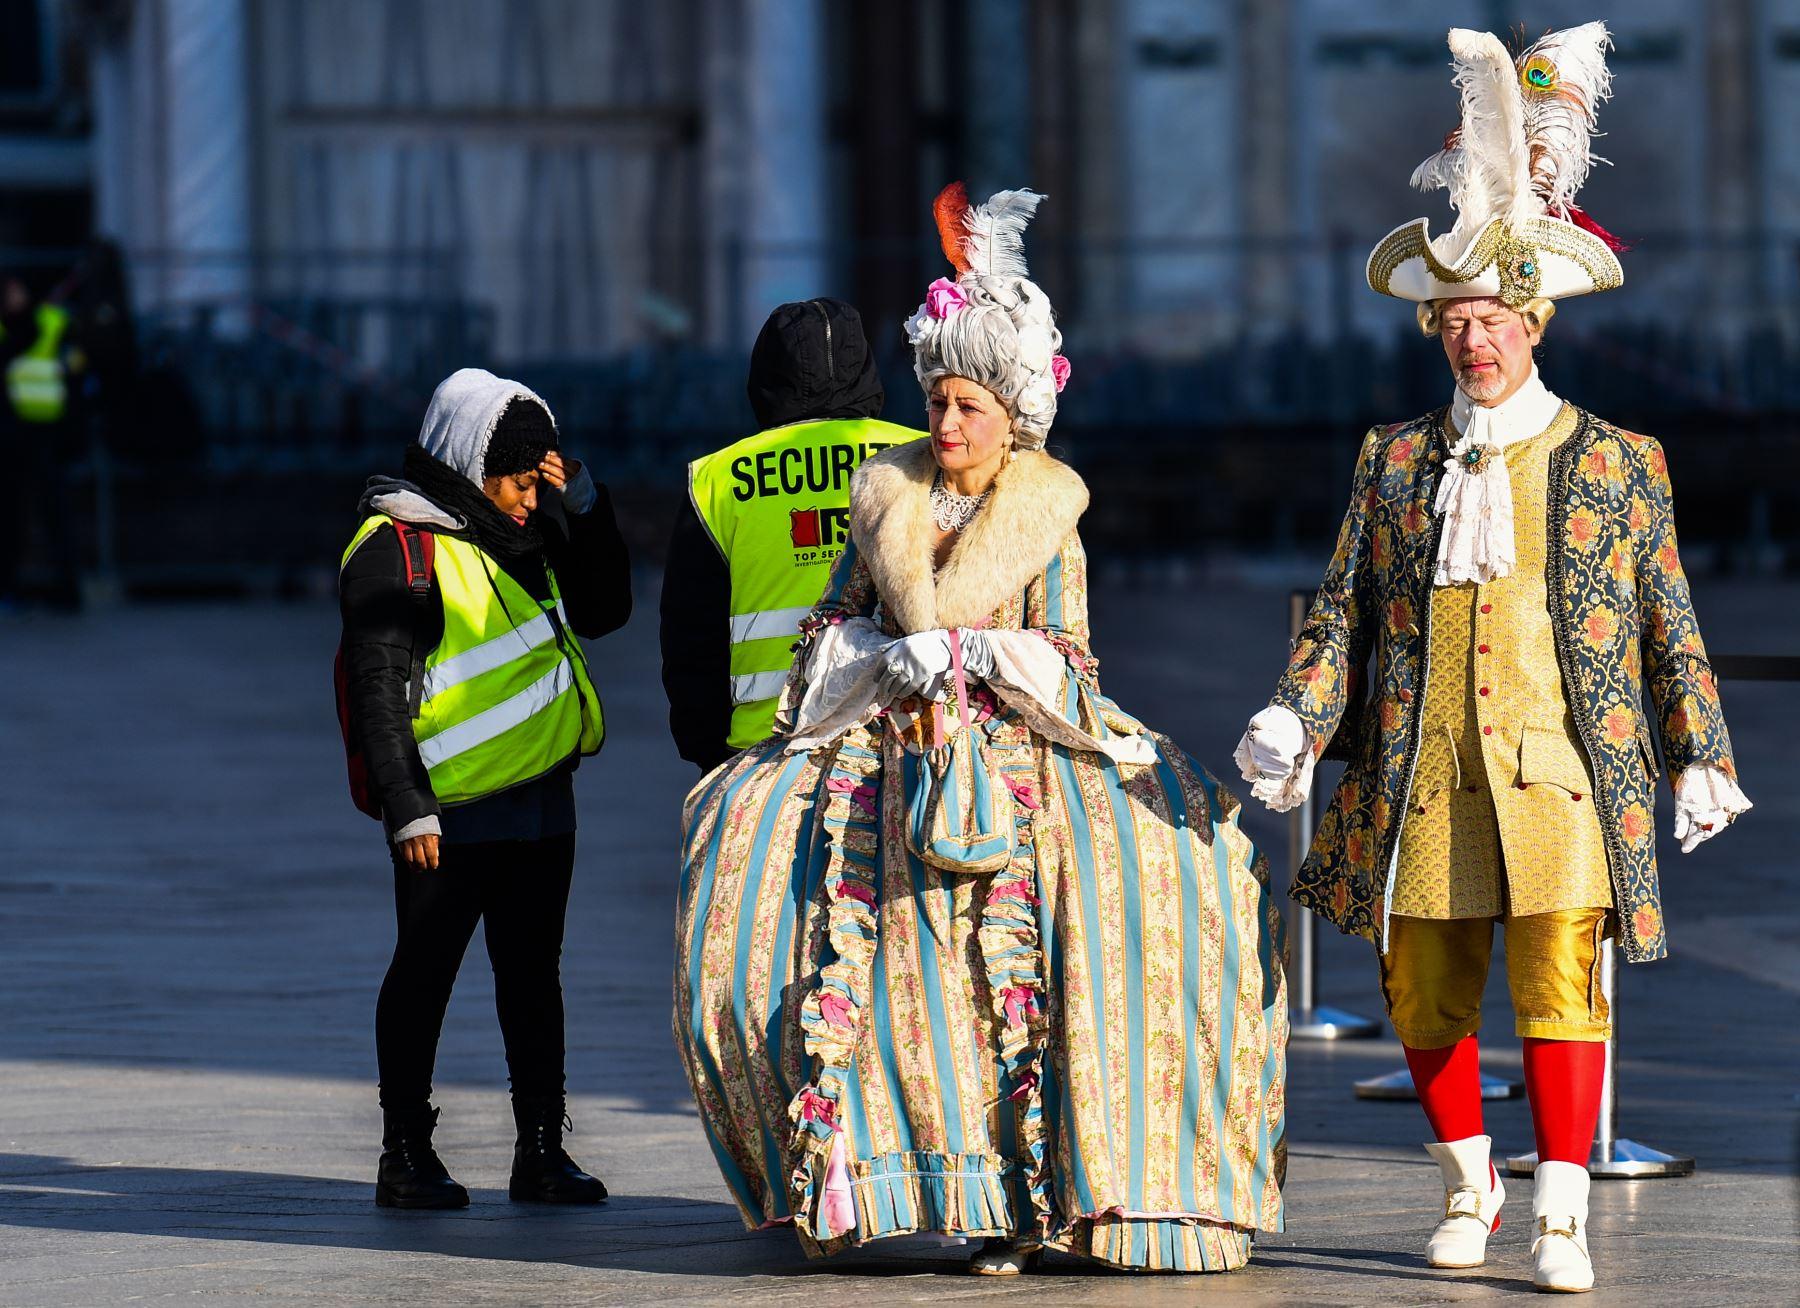 Los oficiales de seguridad revisan a los participantes con máscaras y trajes de época que acceden a la (Plaza de San Marcos durante el Carnaval de Venecia. Foto: AFP